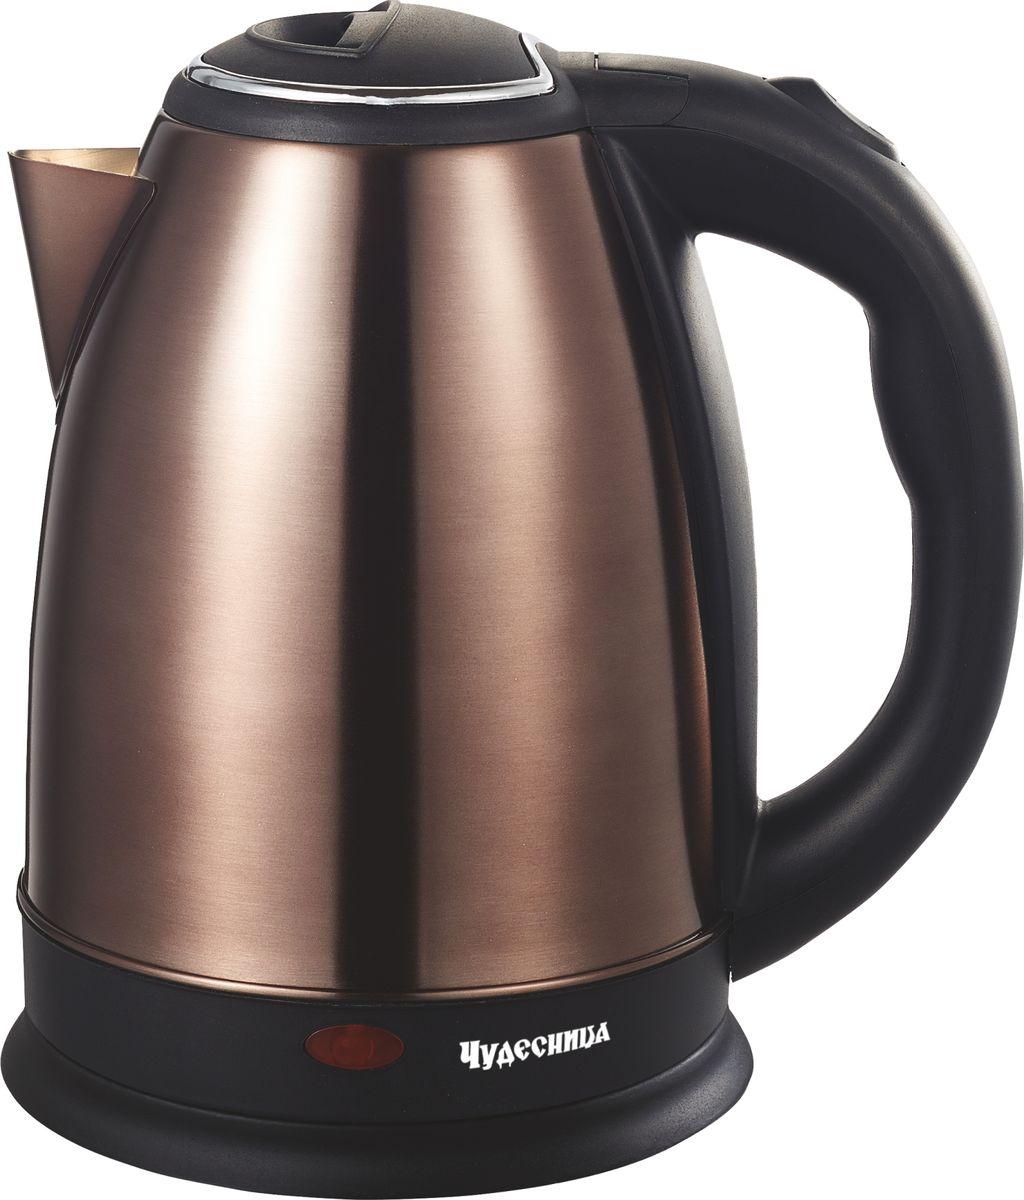 Электрический чайник Чудесница ЭЧ-2010, Bronze чайник чудесница эч 2004 brown